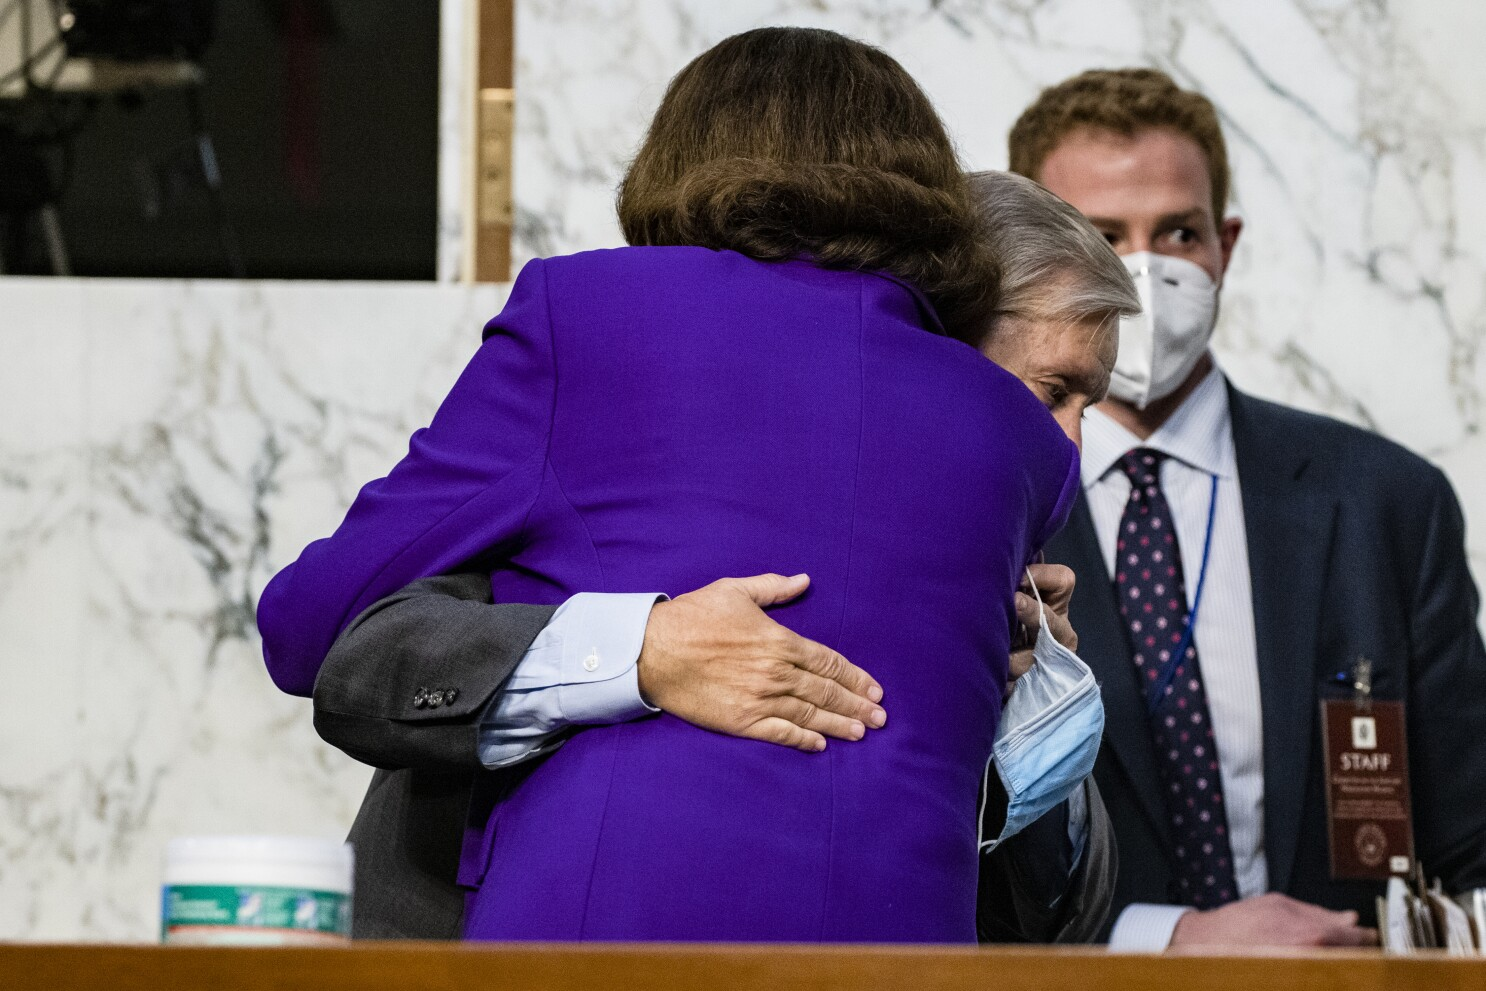 democrats fume over feinstein s committee performance los angeles times democrats fume over feinstein s